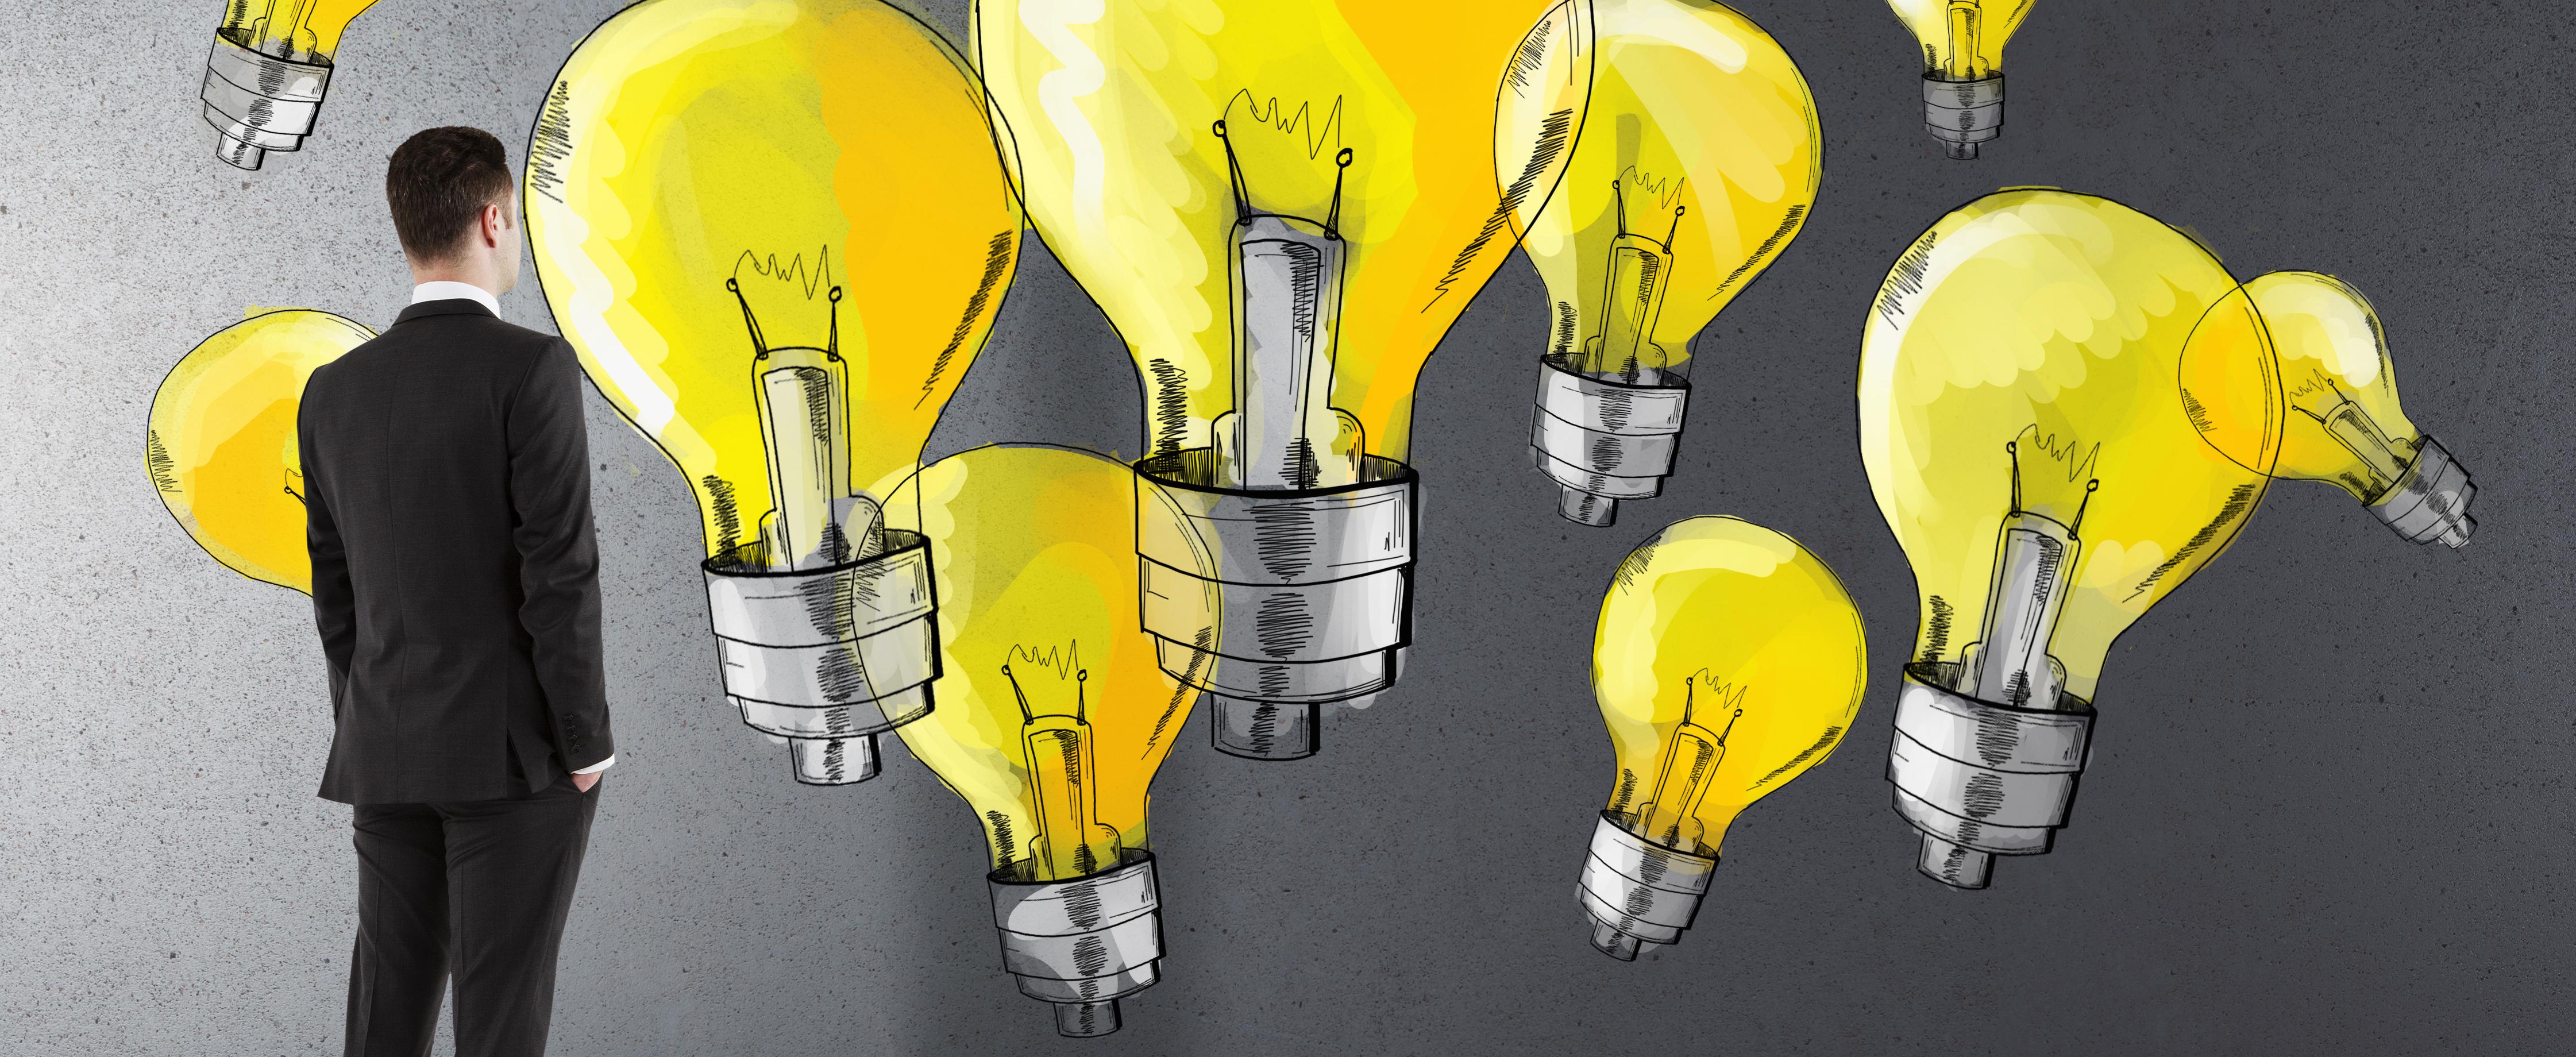 Mann im Anzug steht vor einer Wand mit gelben Glühbirnen - Führungskompetenz